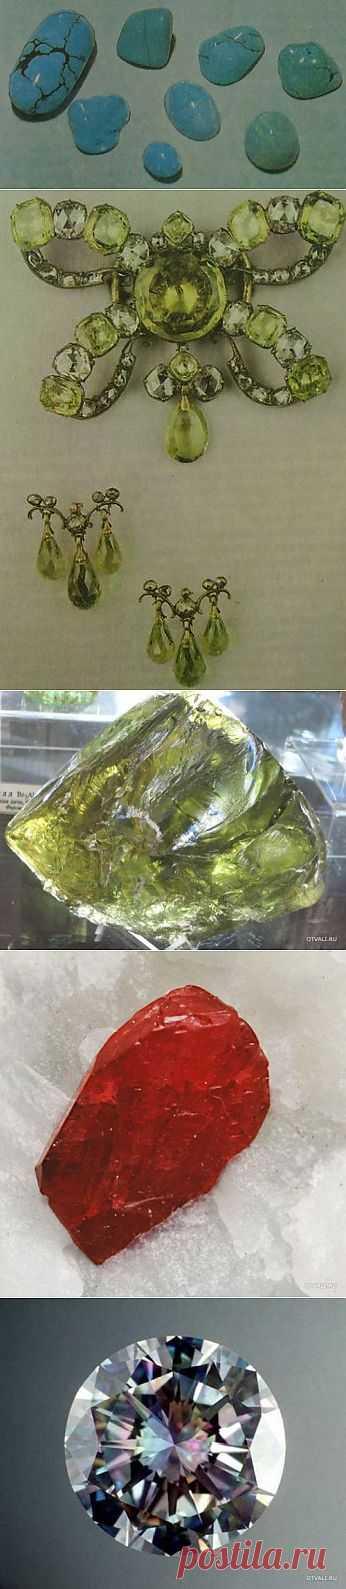 Тайны драгоценных камней. » Мистично